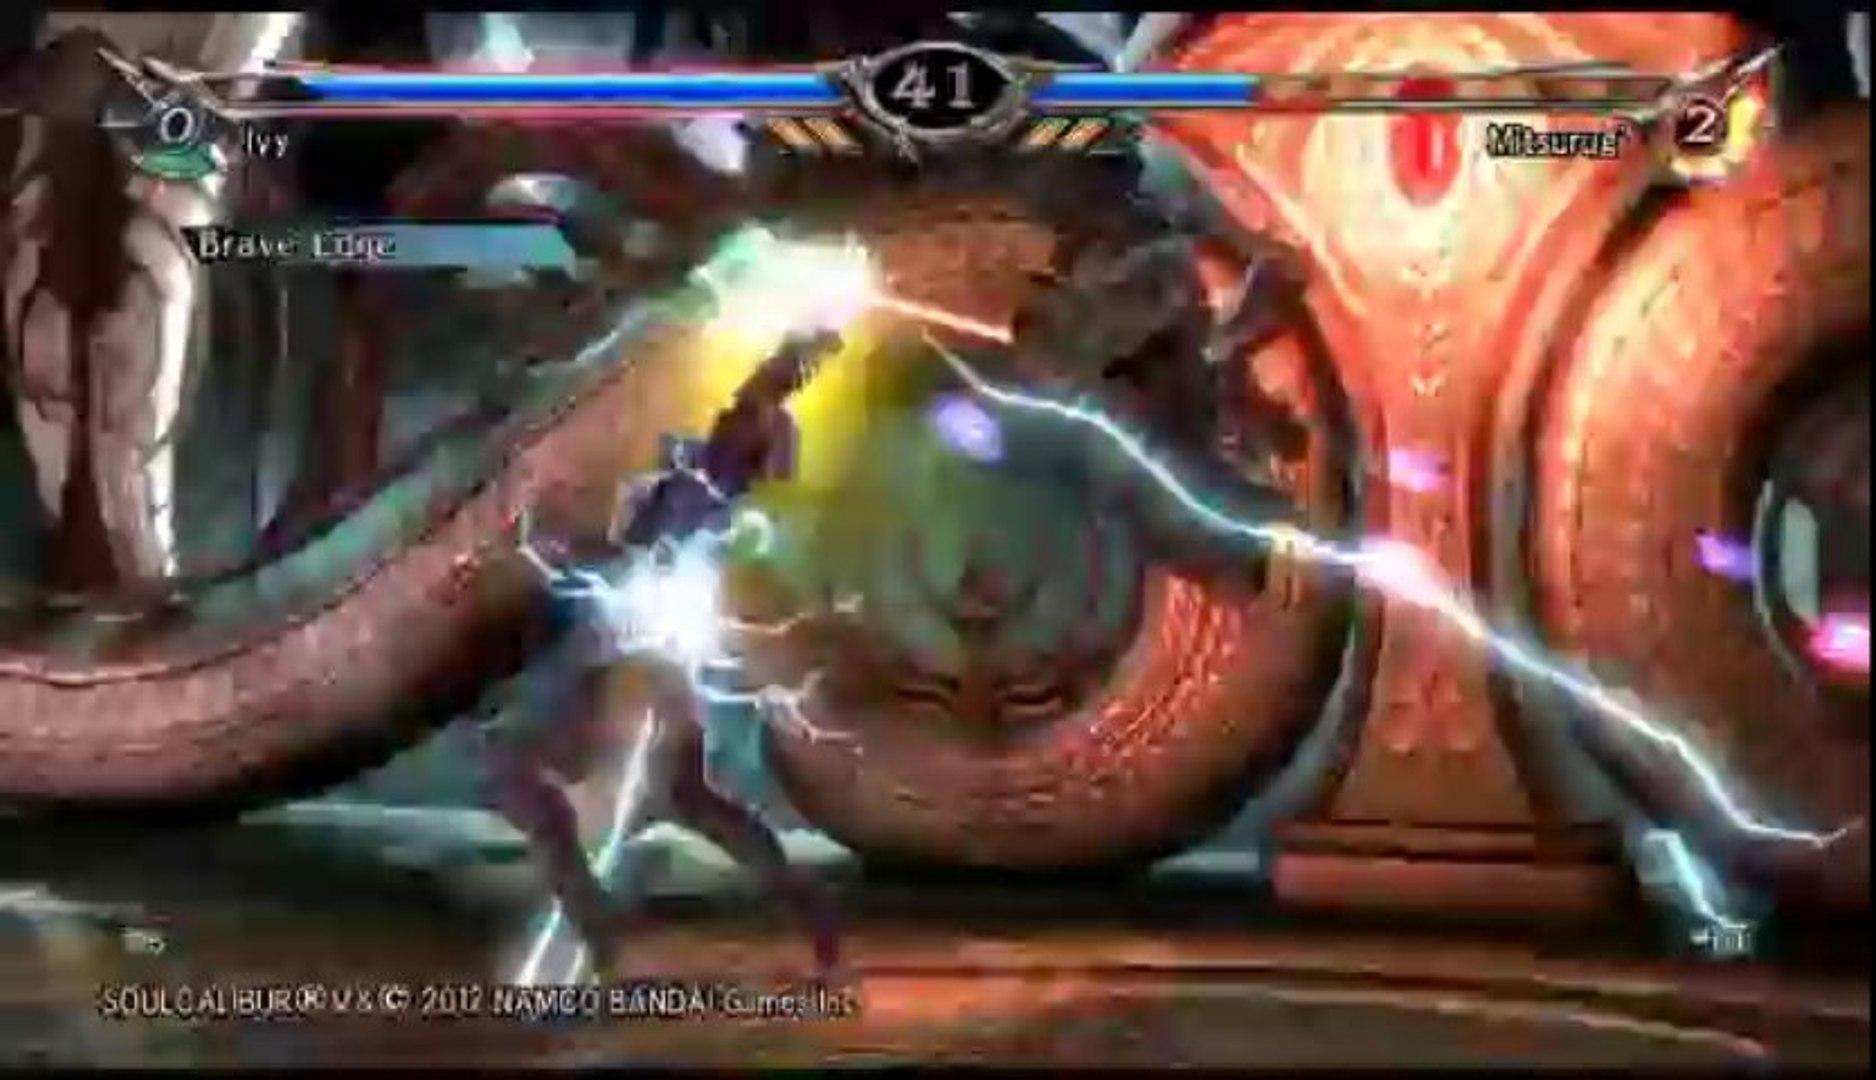 Soul Calibur V | Ranked Online Match - Ivy Versus Mitsurugi